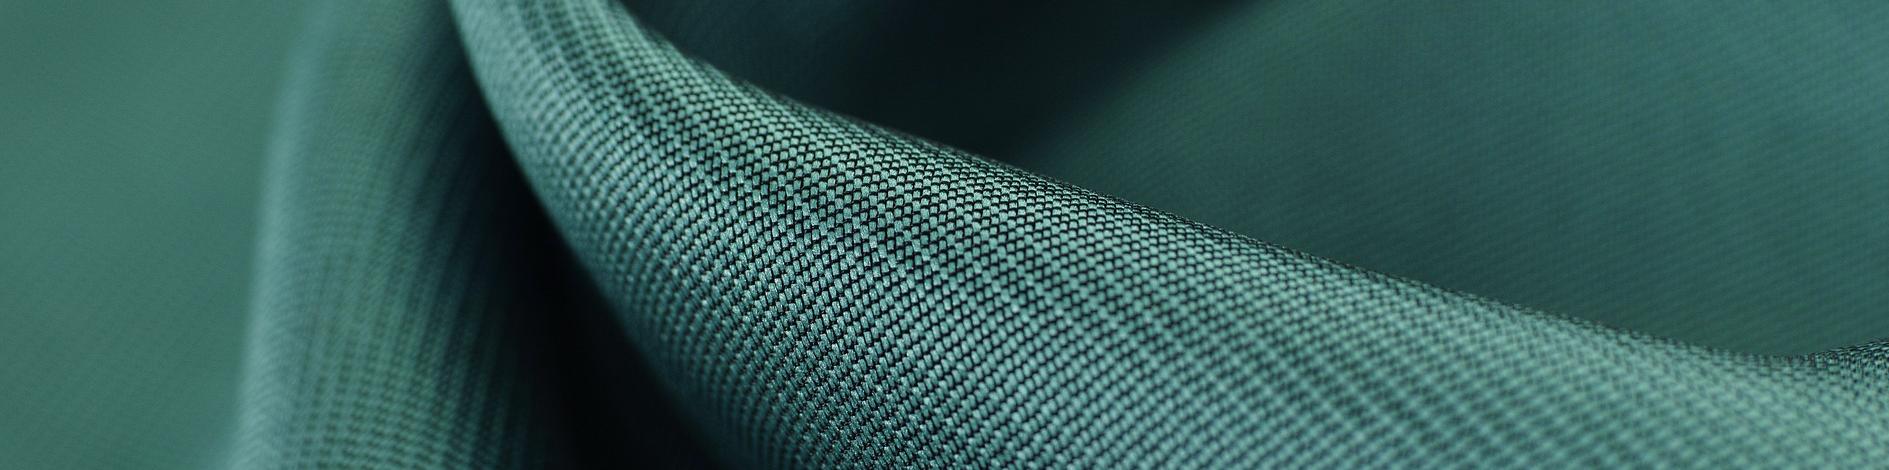 Textil Veredelung